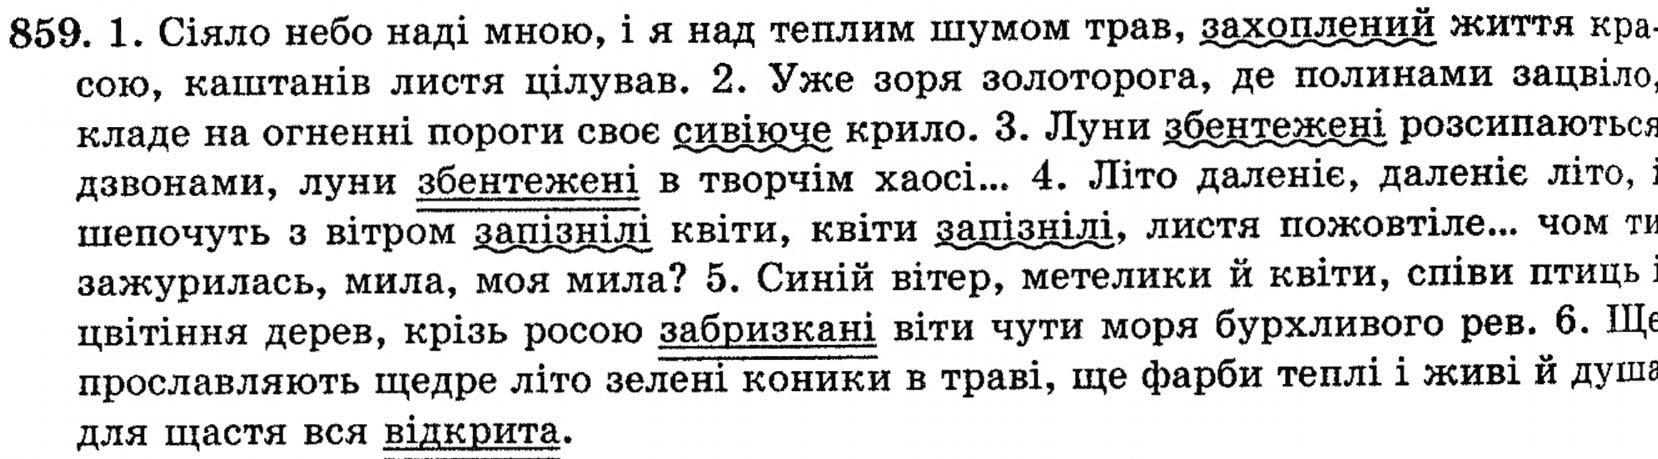 Решебники по укр мове